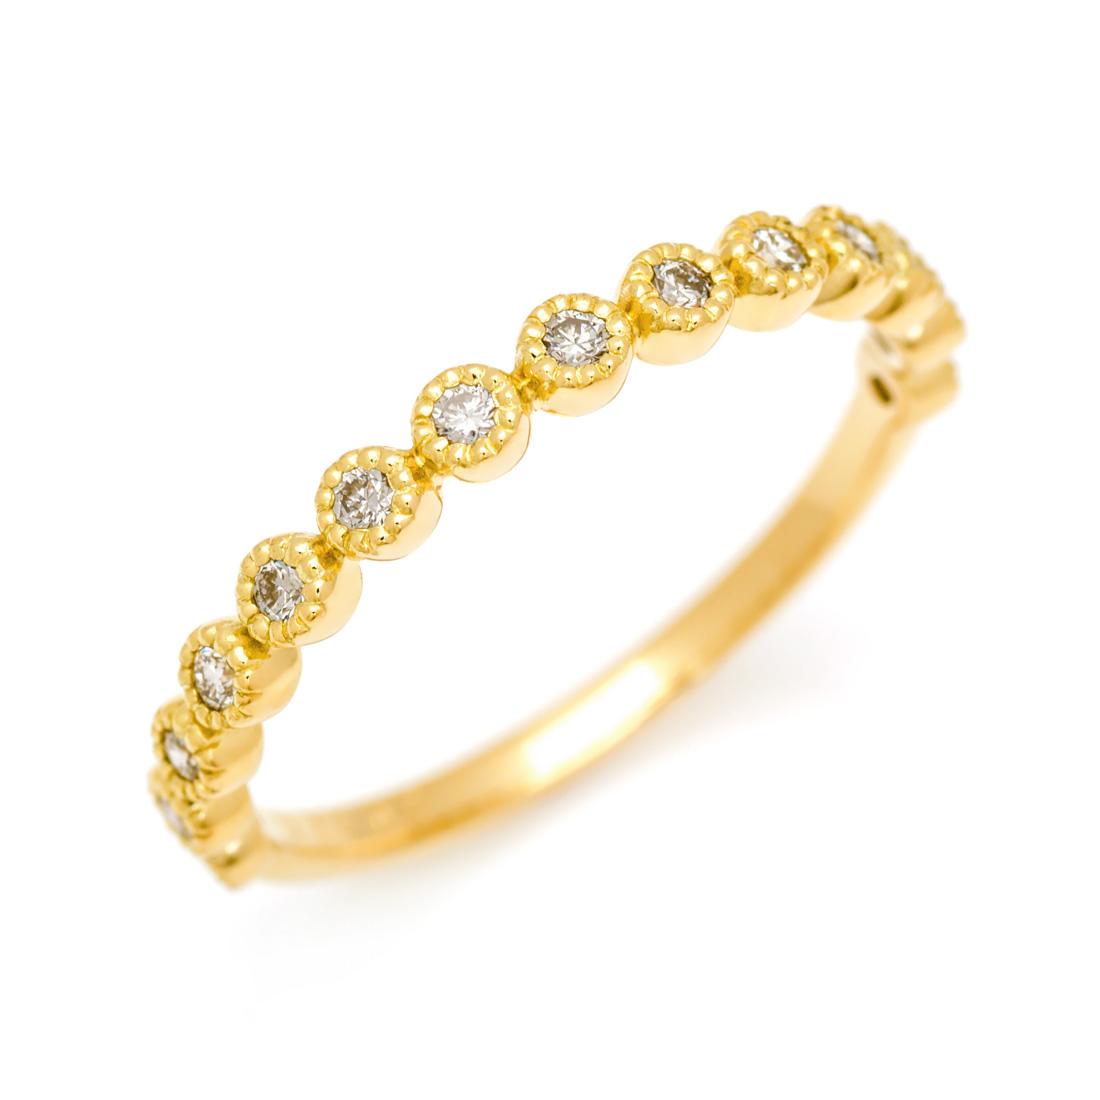 【GWクーポン配布中】K18 ダイヤモンド 0.2ct エタニティ リング送料無料 指輪 ゴールド 18K 18金 ダイアモンド エタニティーリング ミル打ち 誕生日 4月誕生石 刻印 文字入れ メッセージ ギフト 贈り物 ピンキーリング対応可能